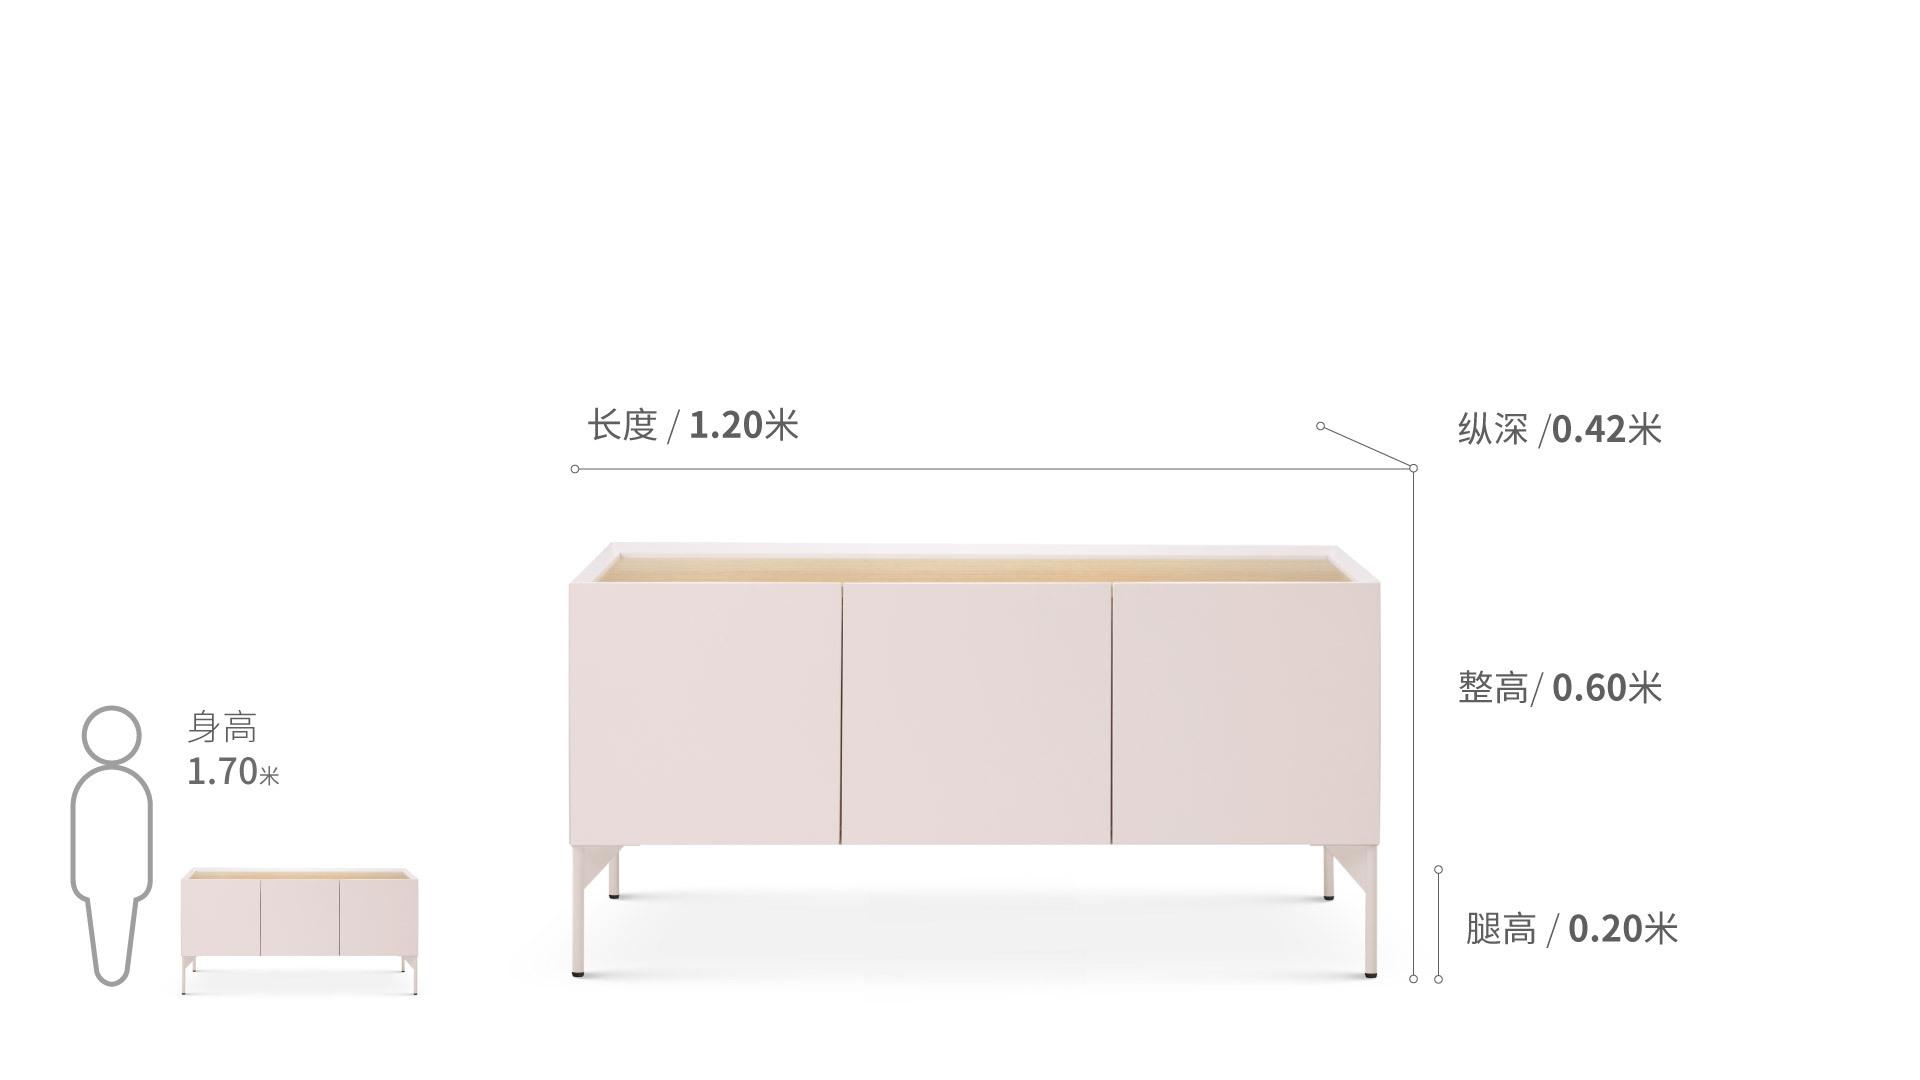 瓦格®-矮柜柜架效果图